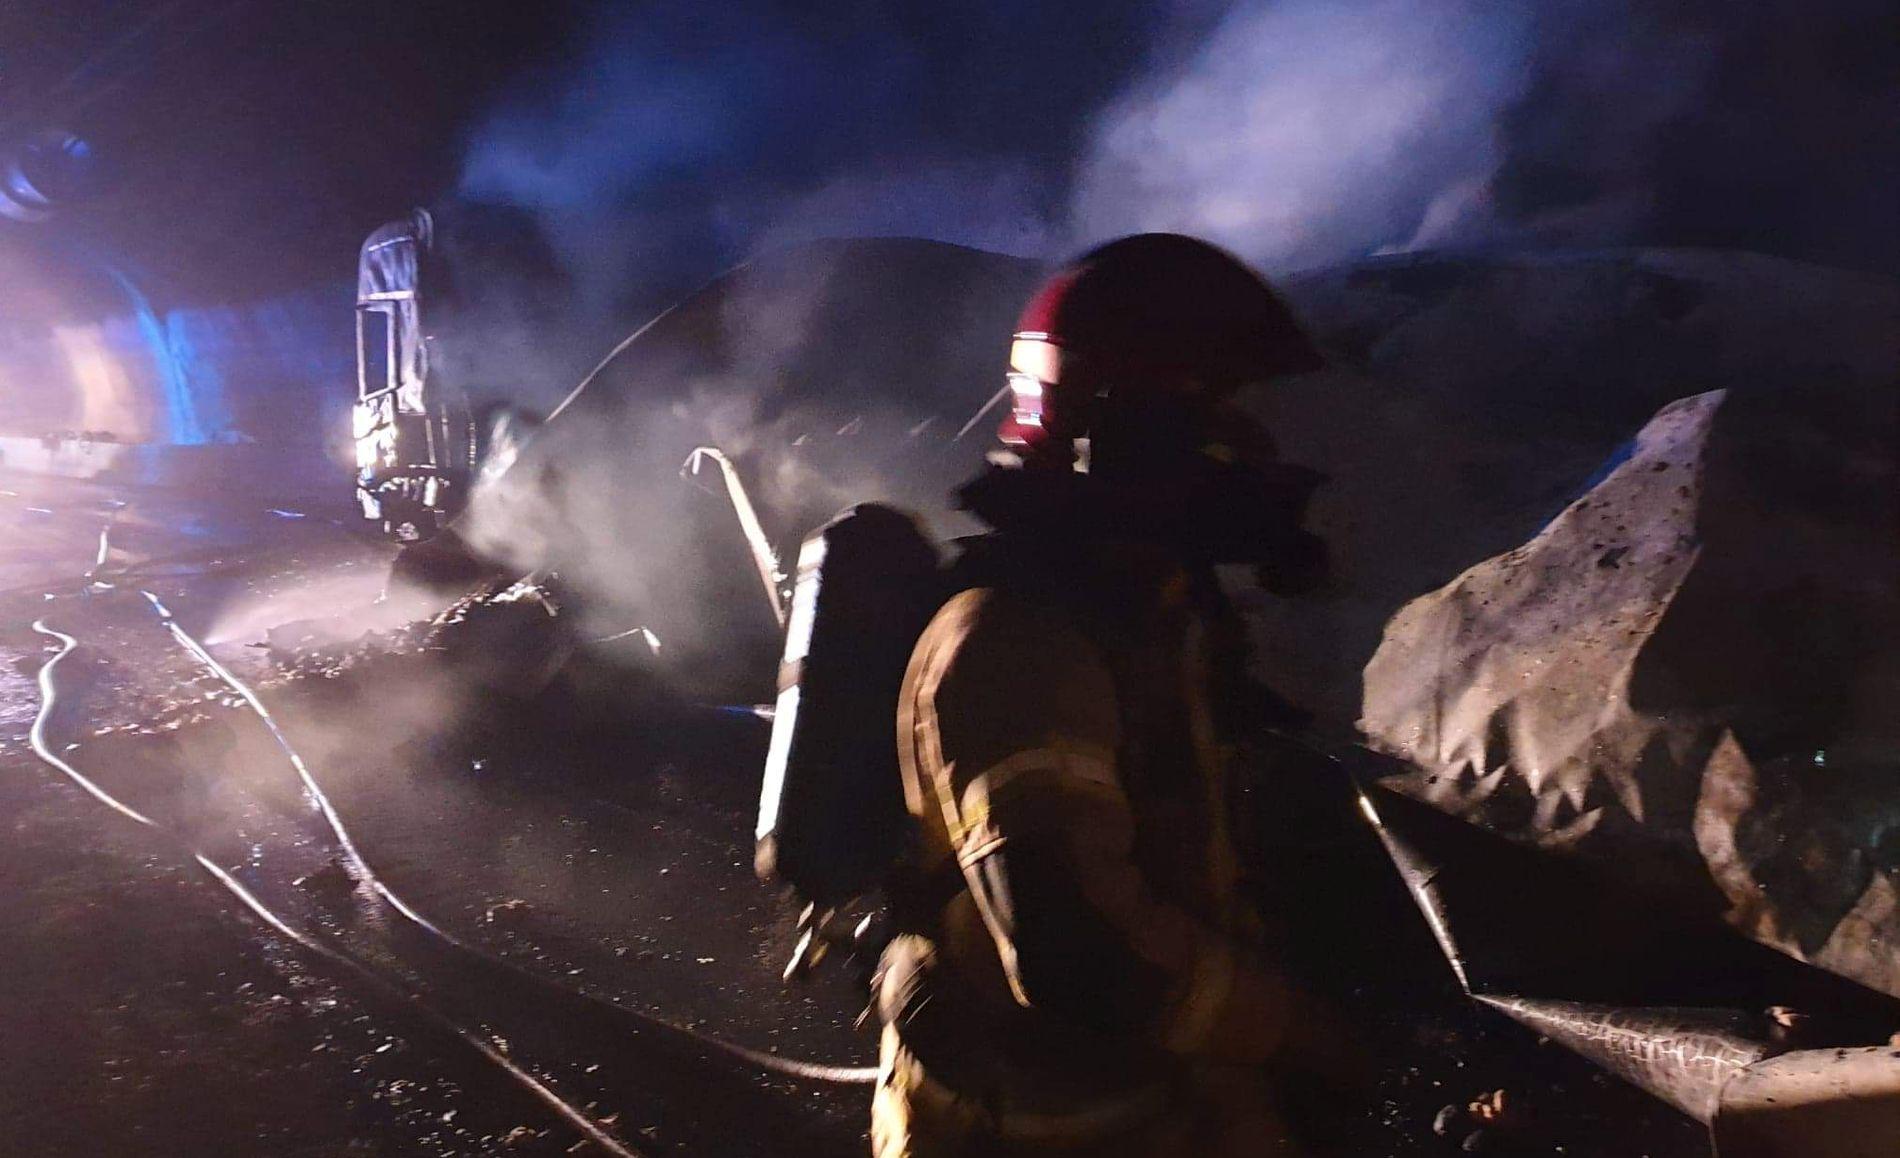 INGEN LIV TAPT: Gudvangatunnelen har hatt tre voldsomme vogntogbranner på seks år. Nå vil lastebileierne ha stopp for flere giganttunneler med stigning.